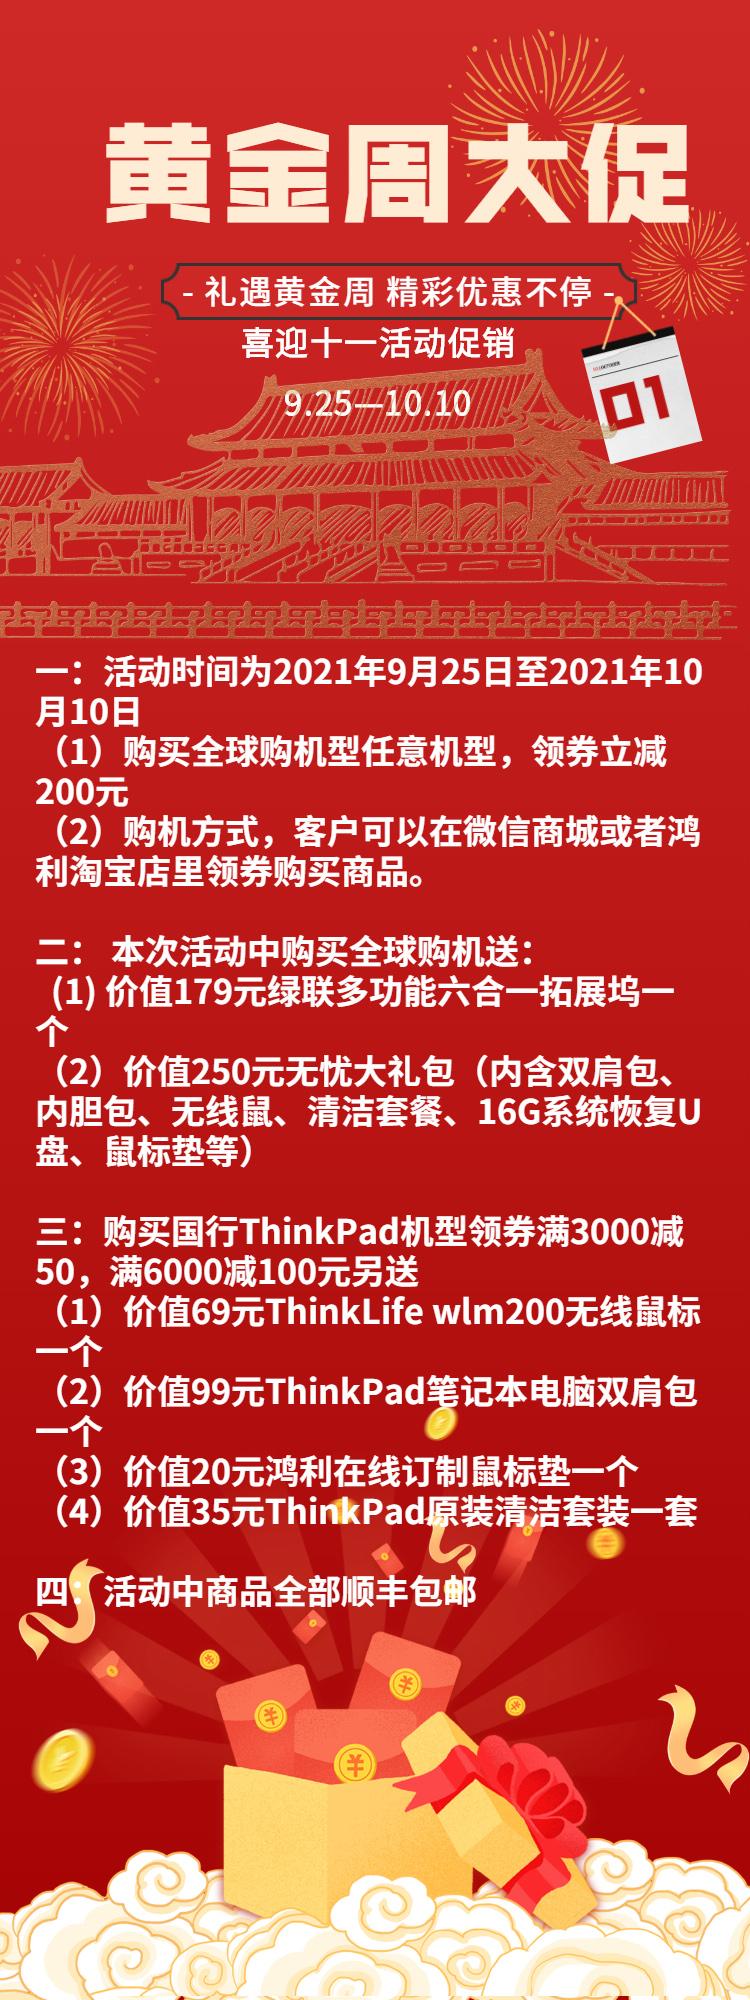 十一国庆节黄金周促销活动手绘海报1.jpg